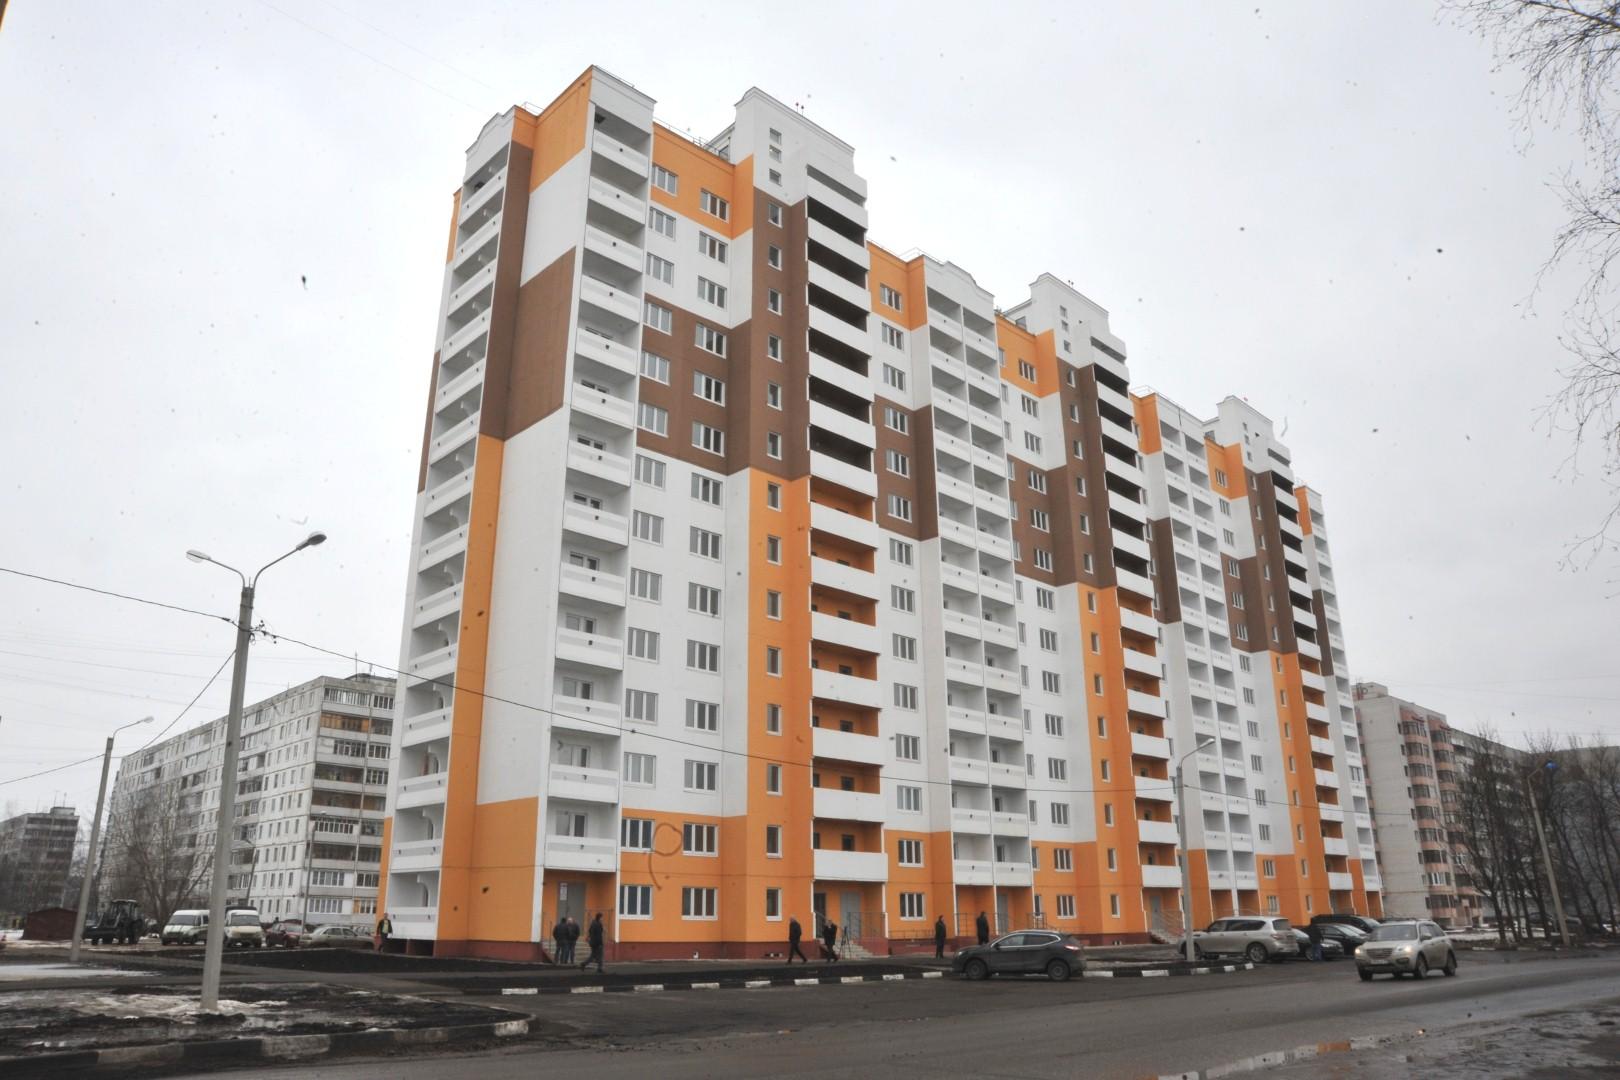 Названы районы, где ярославцы чаще всего снимают квартиры